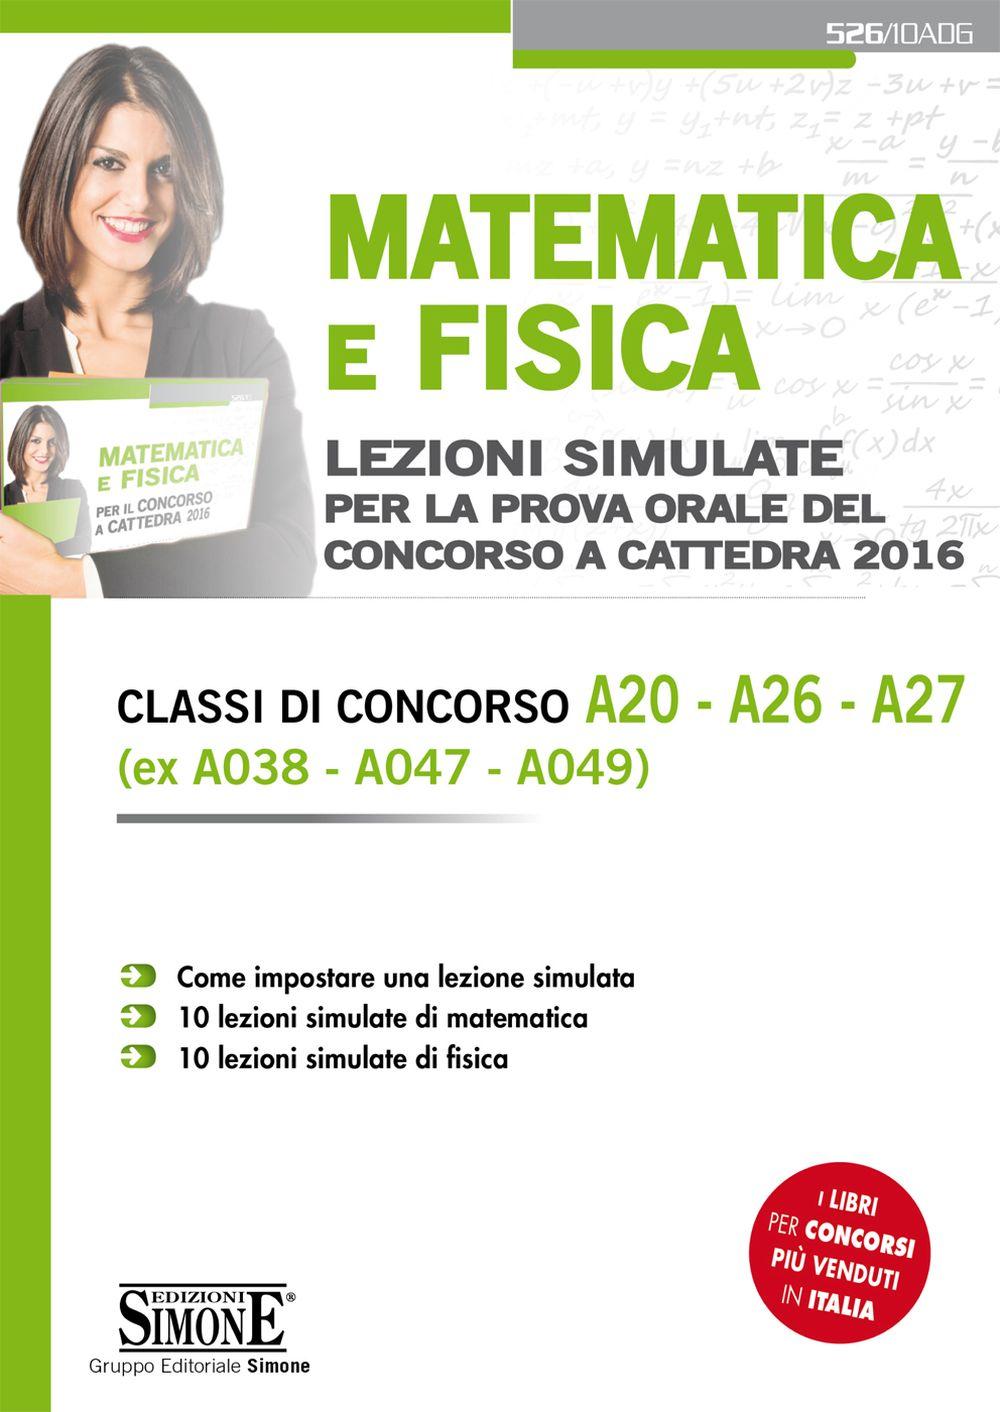 Ebook Matematica e Fisica prova orale